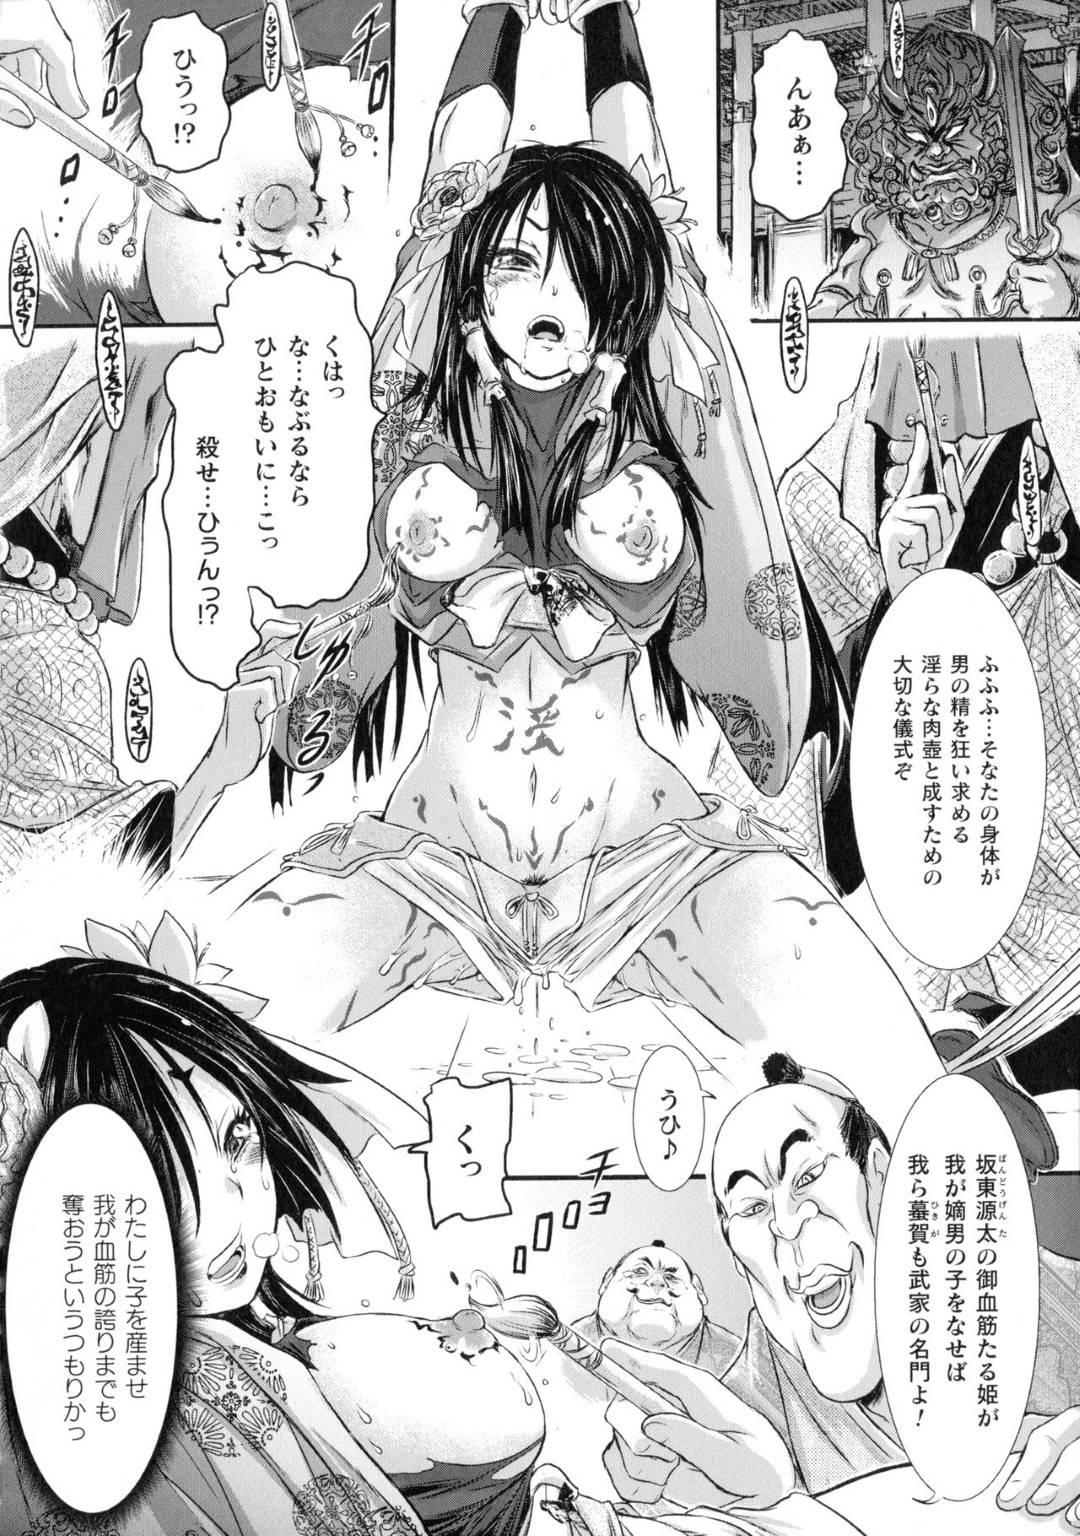 【エロ漫画】謀反によって四面楚歌になった玉姫、逃げ切ることができず弾正に拘束されてしまった。そして子供を作る為に彼女は弾正に孕ませレイプされる!彼の異様なデカマラで涙目になりながらイラマされ、大量中出しされて妊娠するのだった。